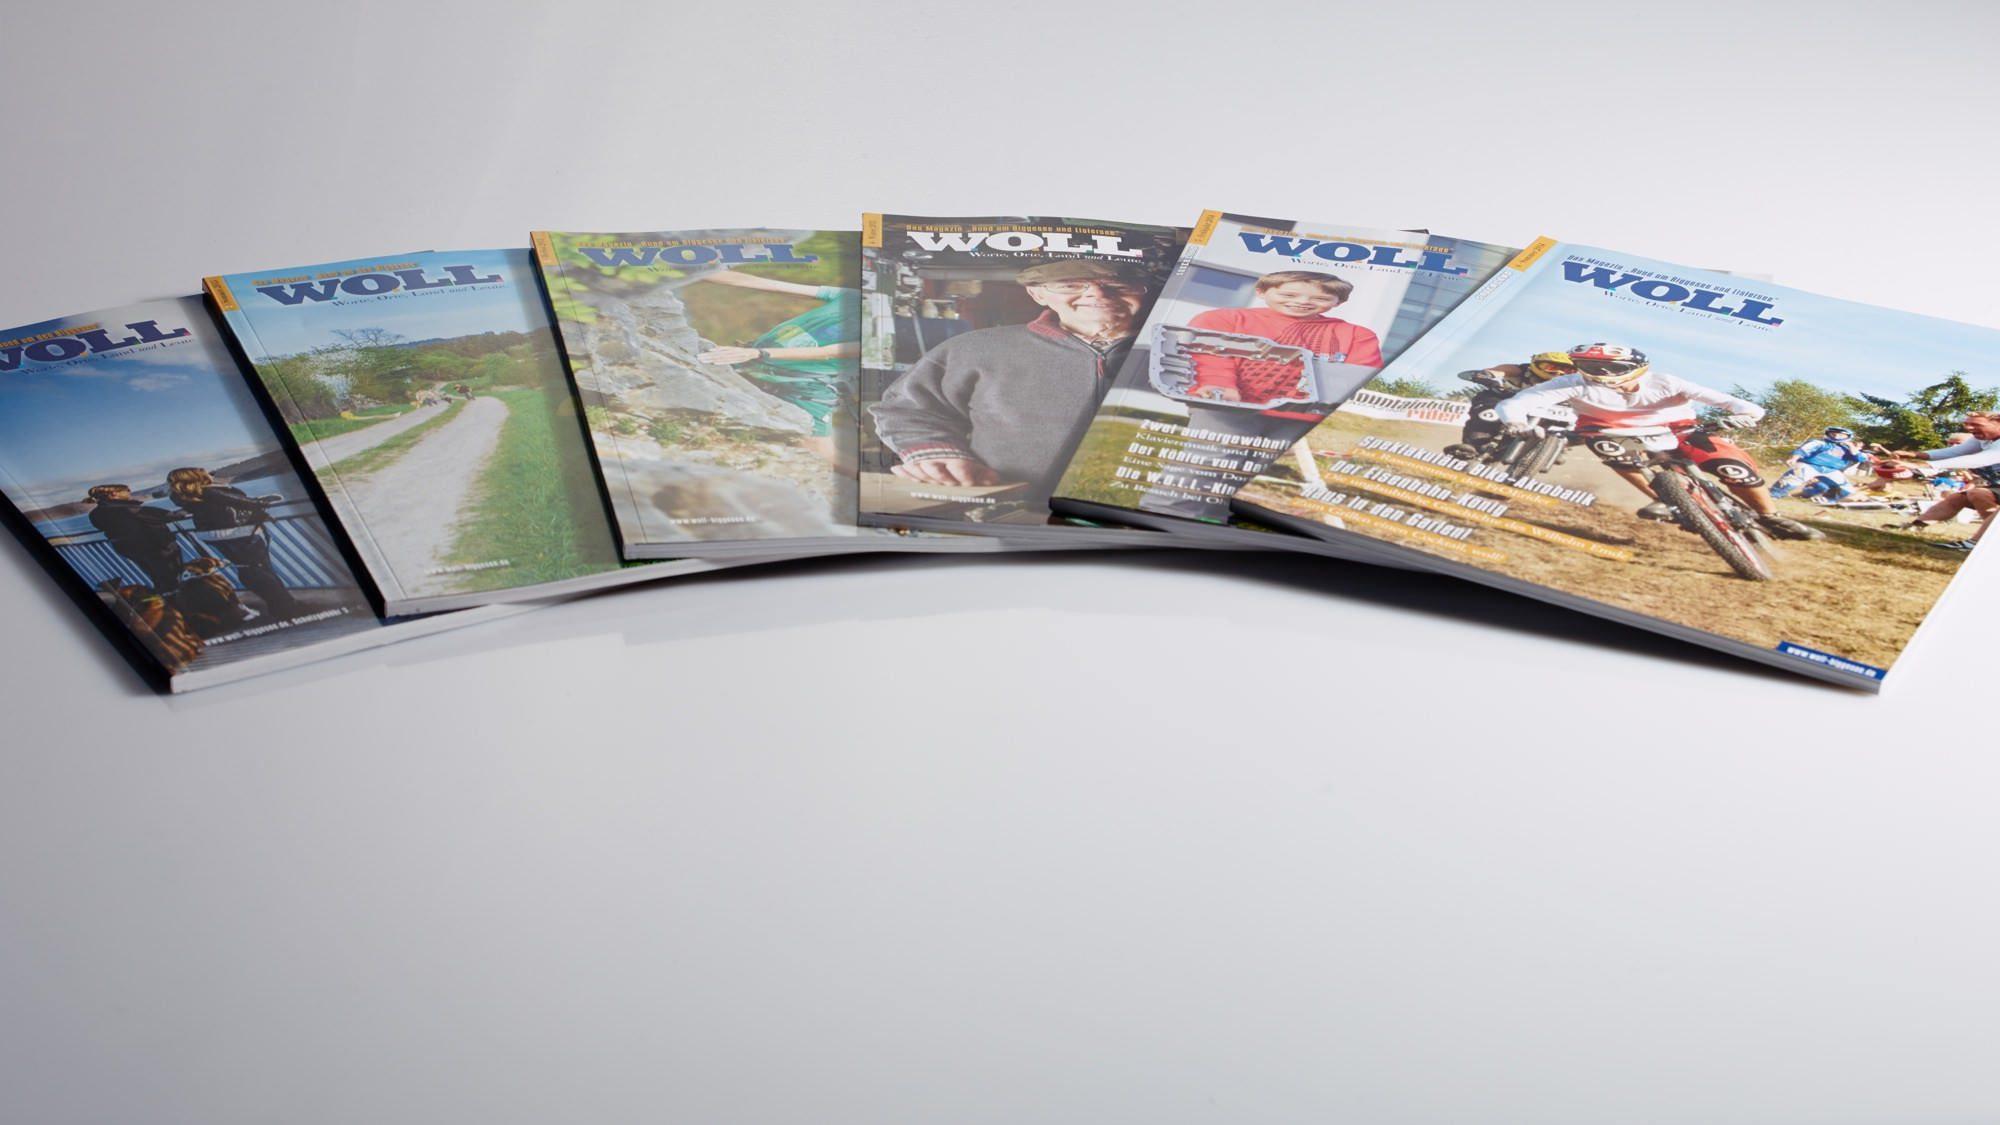 Magazin gestalten und drucken aus der Druckerei von FREY PRINT + MEDIA